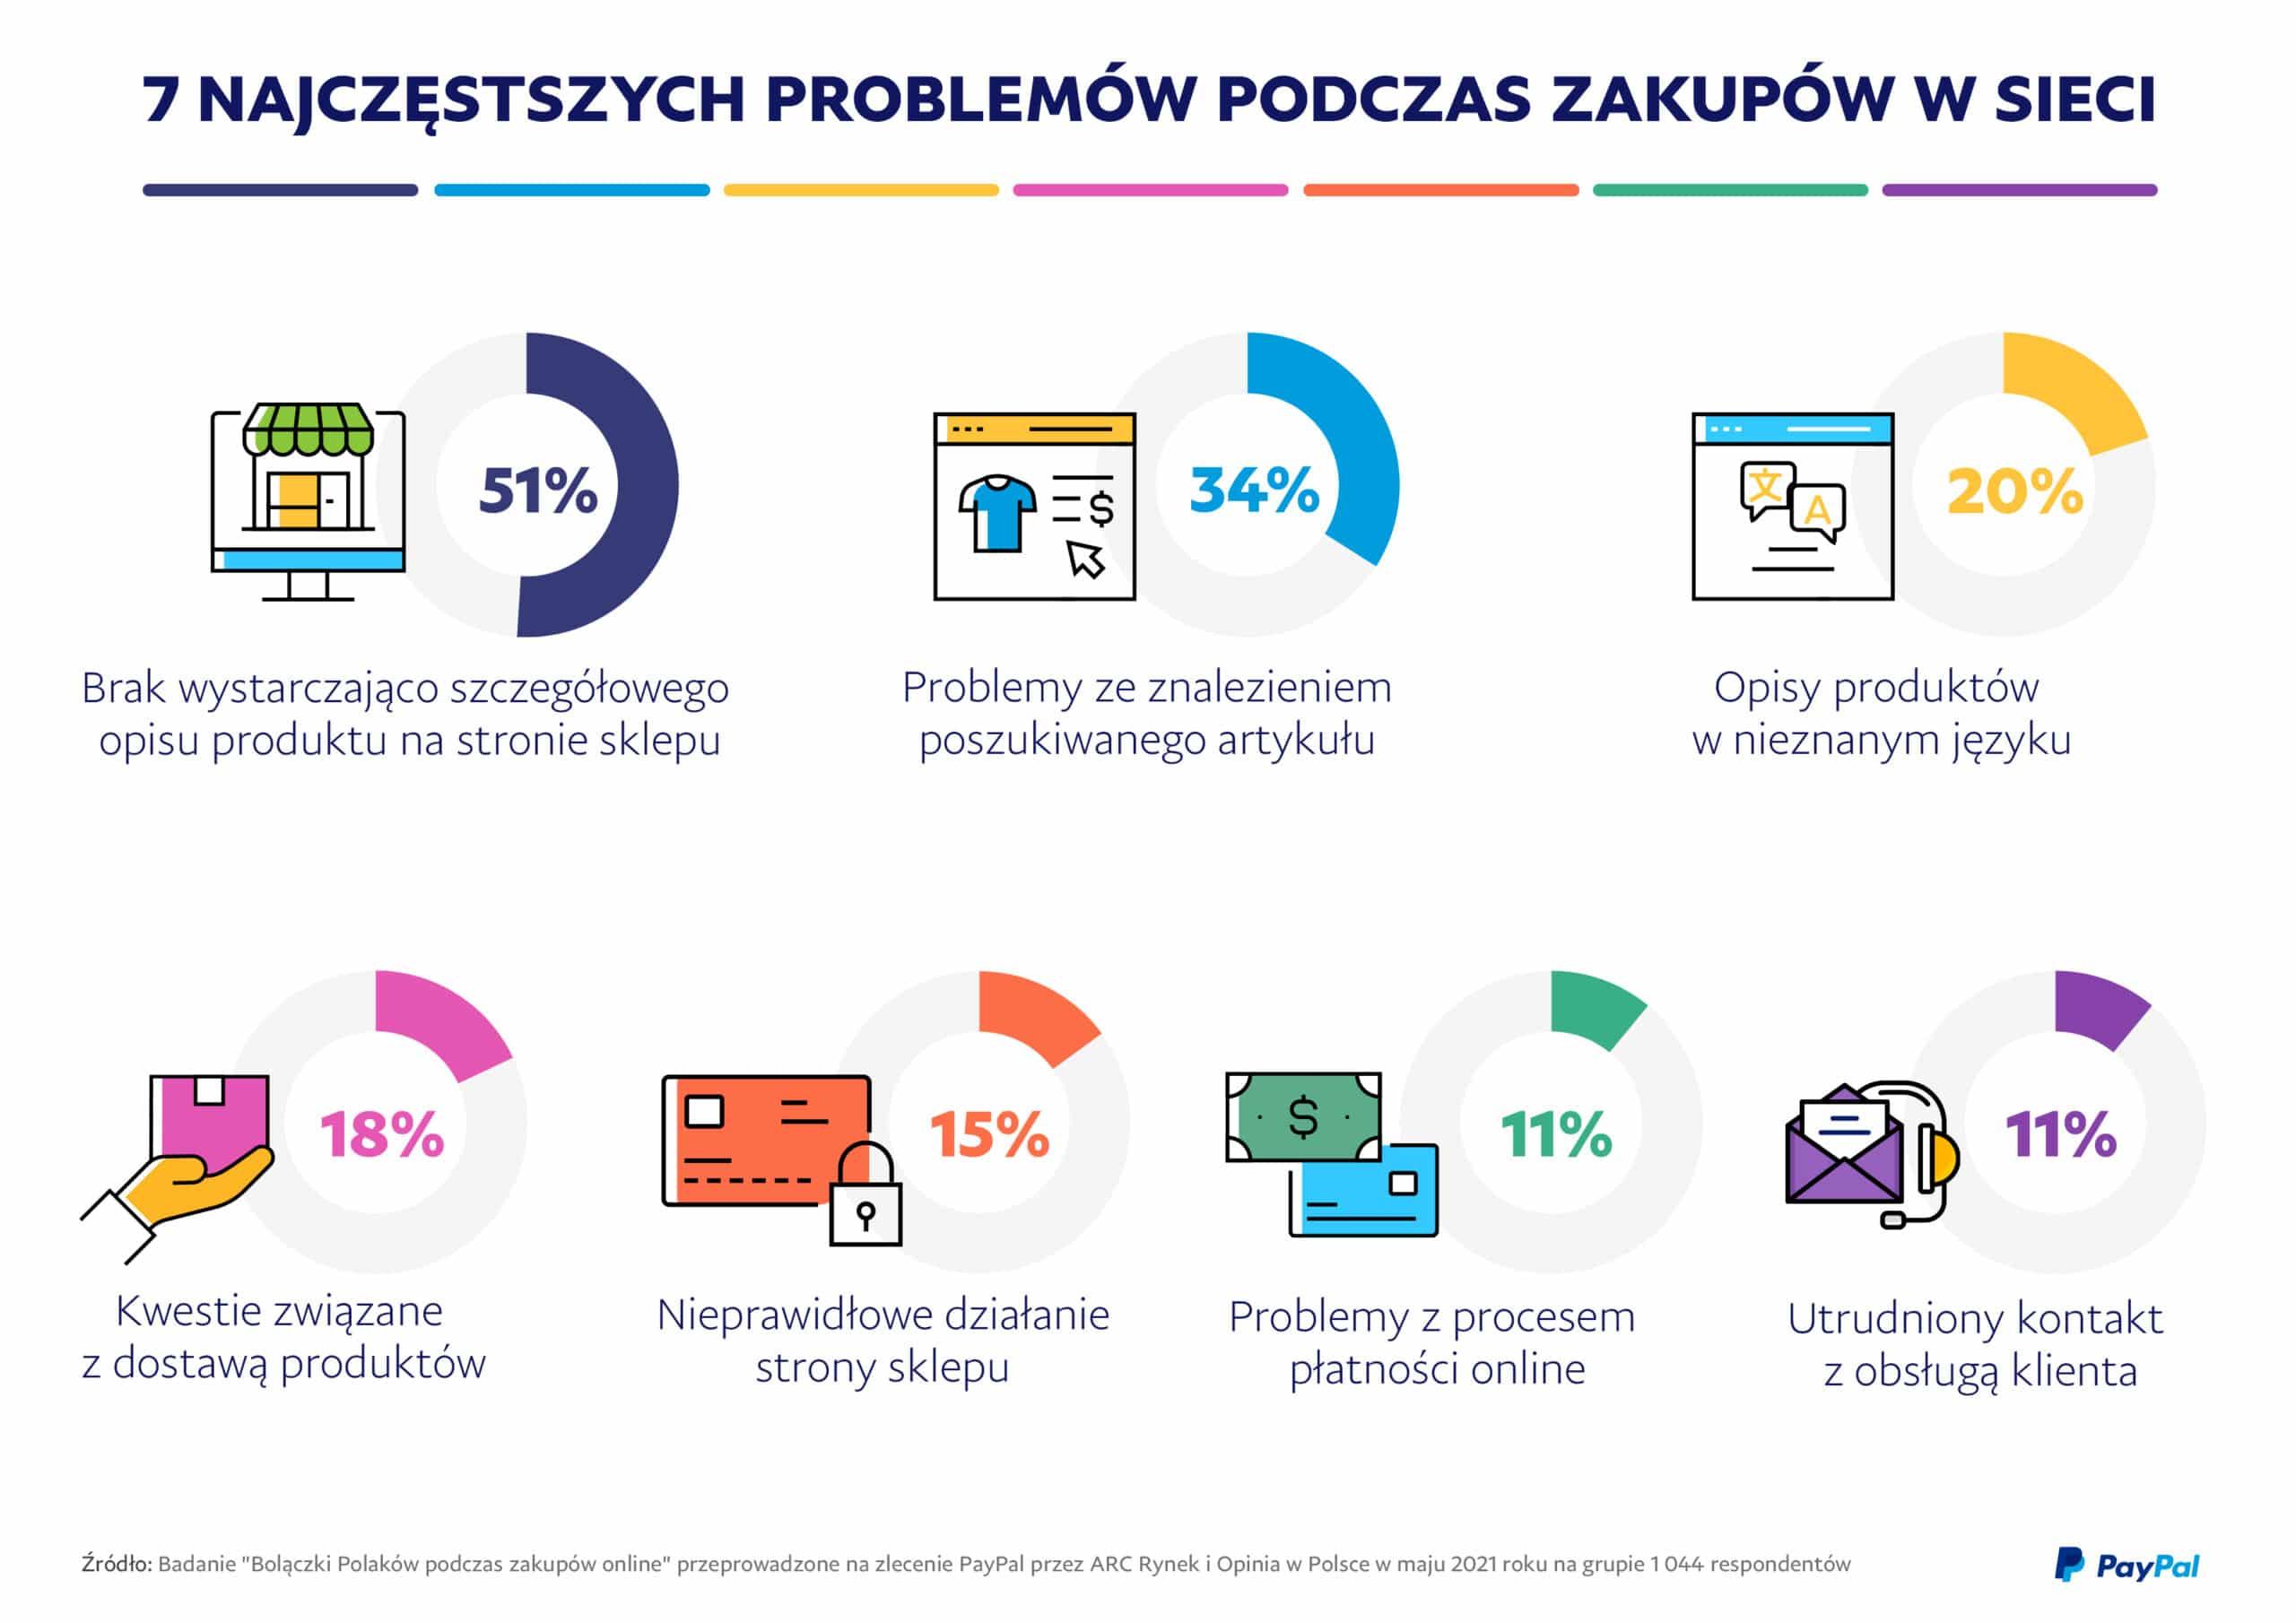 PayPal_Bolączki Polaków podczas zakupów online_Infographic